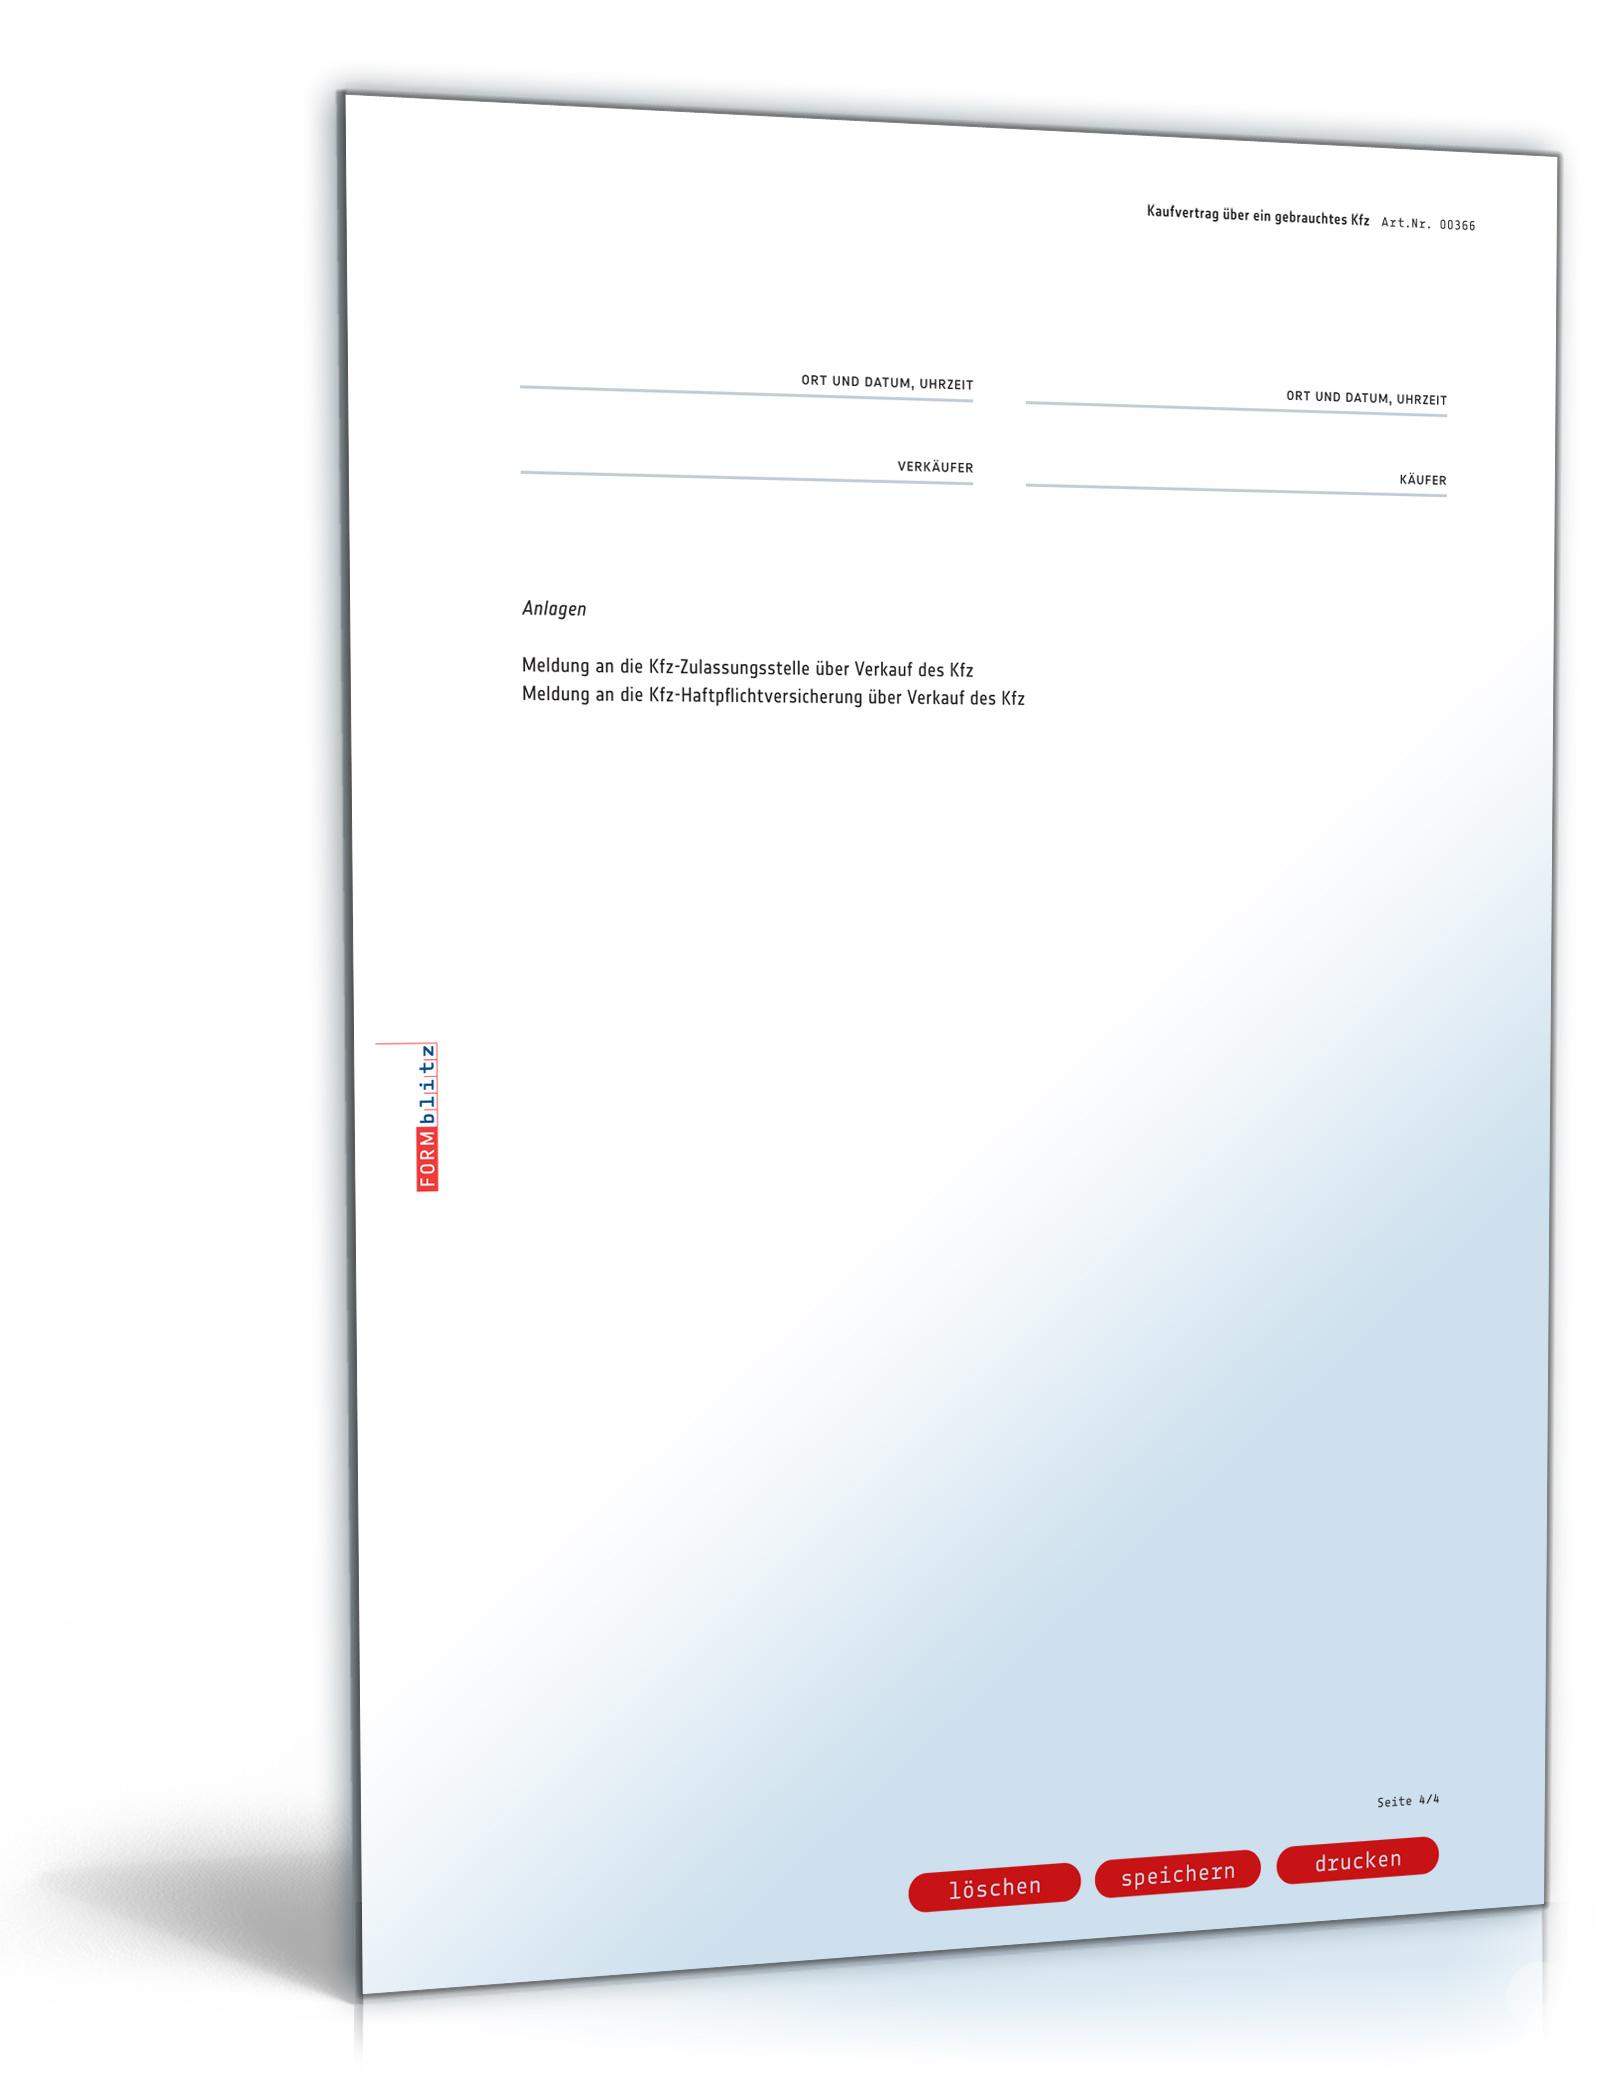 Fantastisch Fahrzeugverkaufsvereinbarung Vorlage Bilder - Beispiel ...